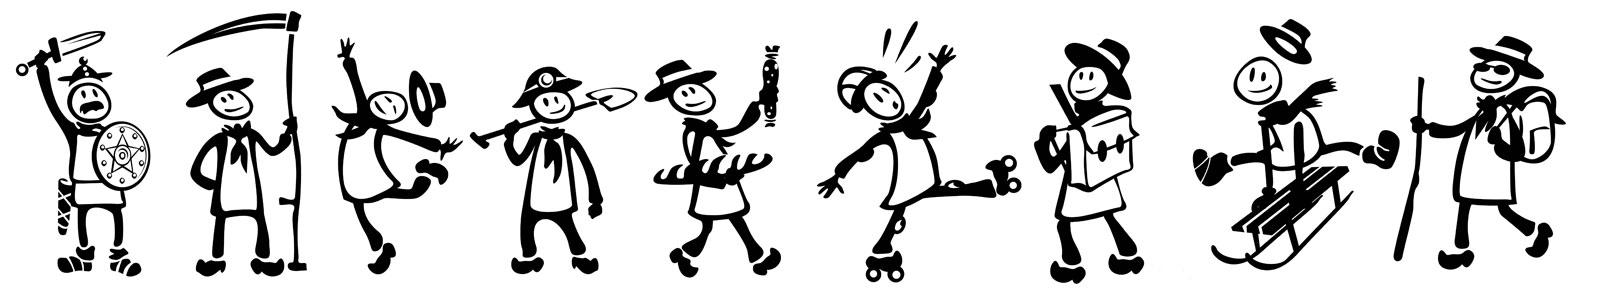 dessins bougnats yaka'y activités diverses